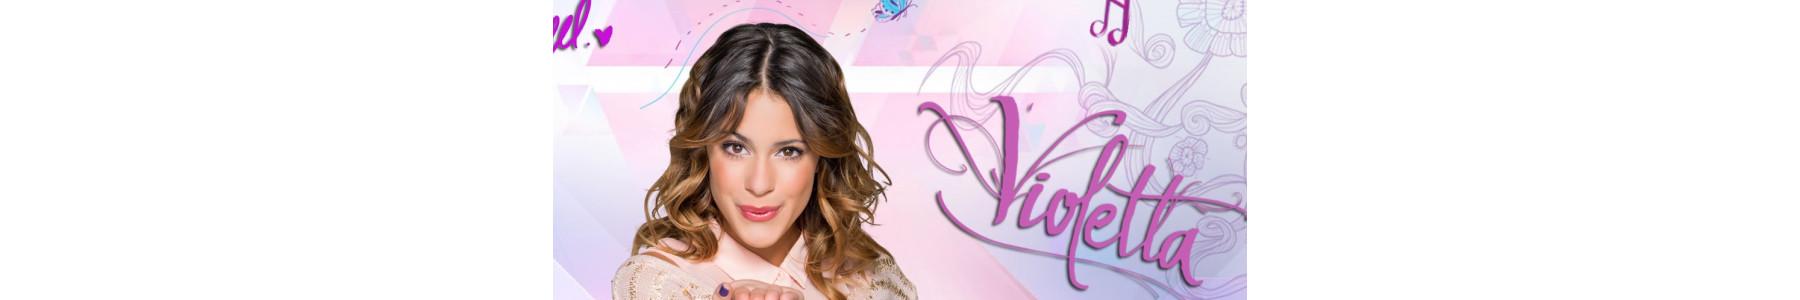 Articole party Violetta